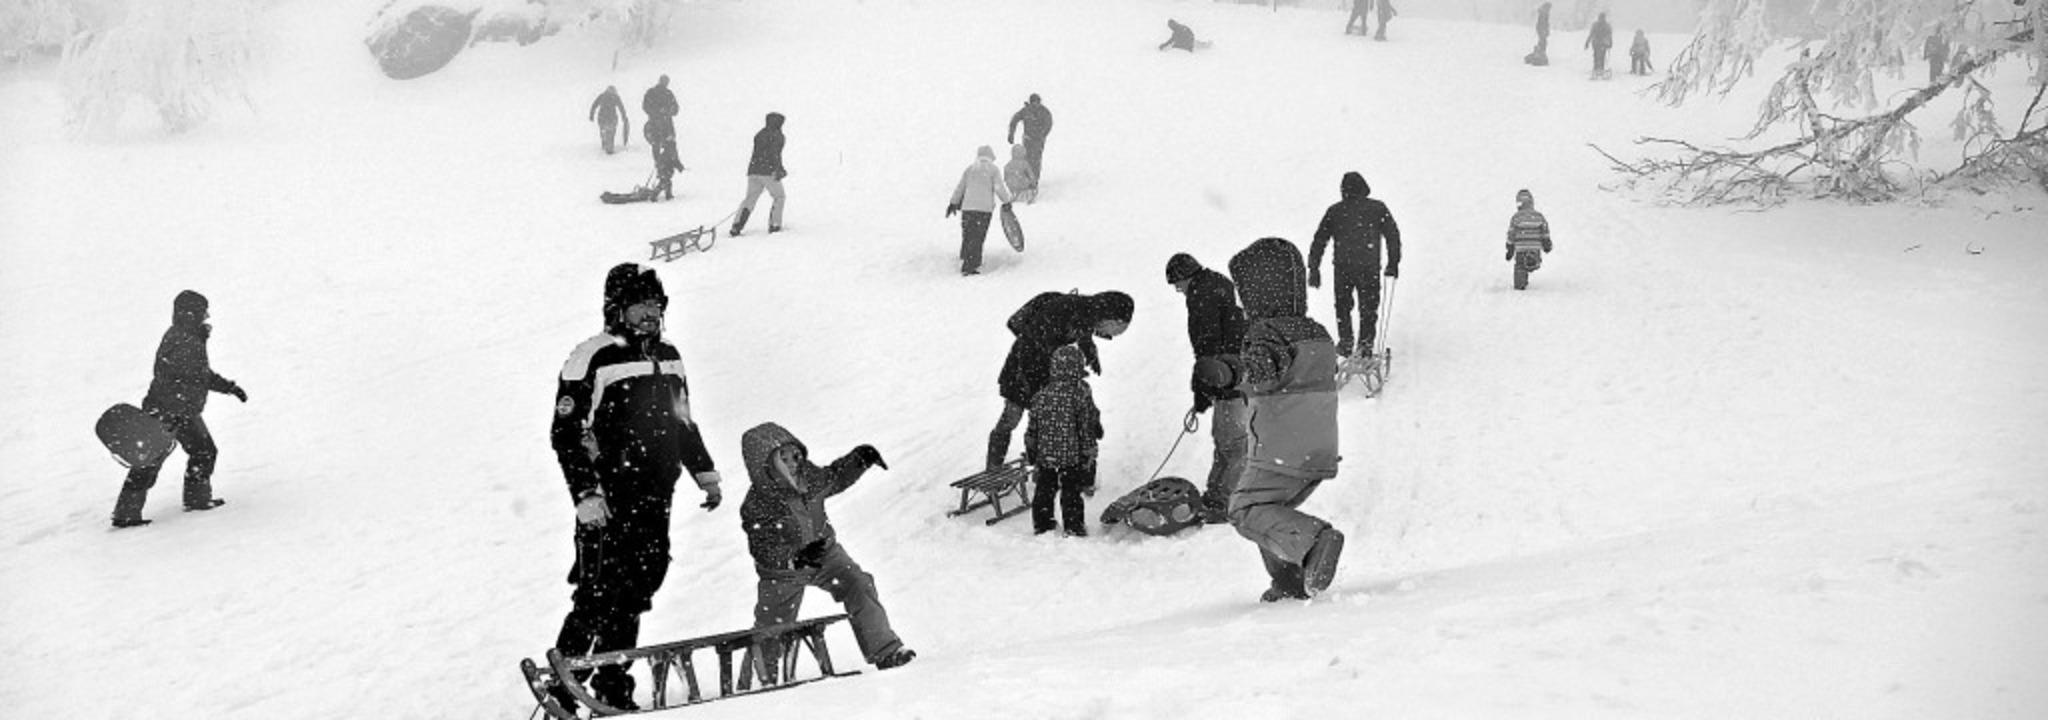 Beste Bedingungen boten sich  am Wochenende für Rodler auf dem Kandel.  | Foto: Christian Ringwald